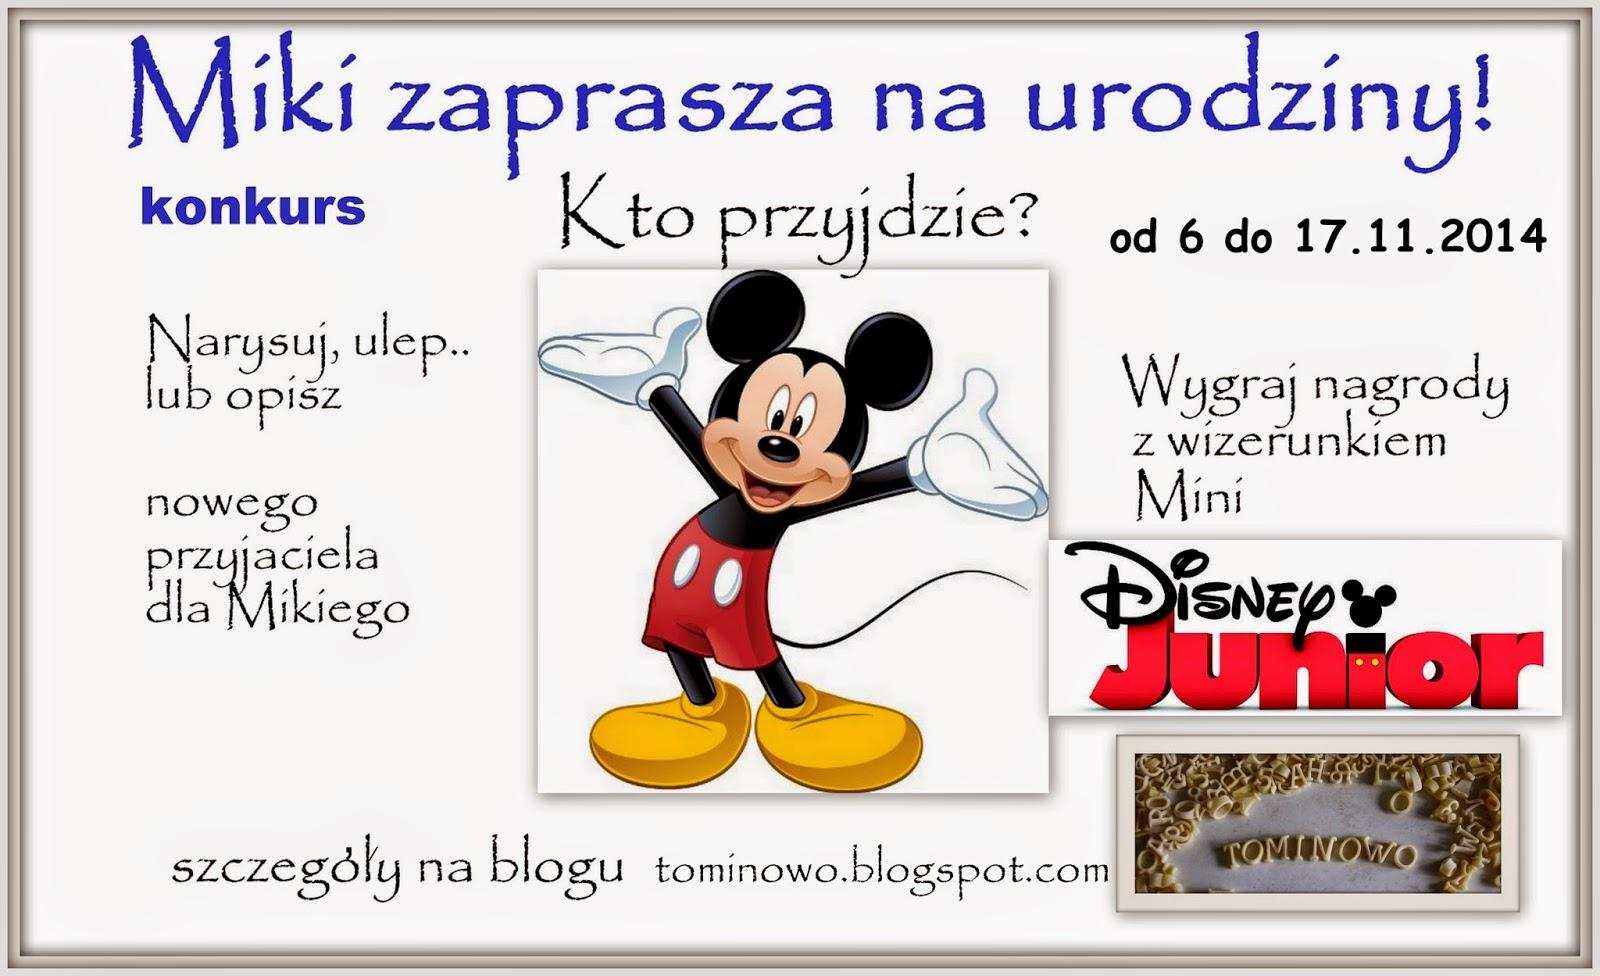 http://tominowo.blogspot.com/2014/11/konkurs-urodzinowy-z-mikim.html